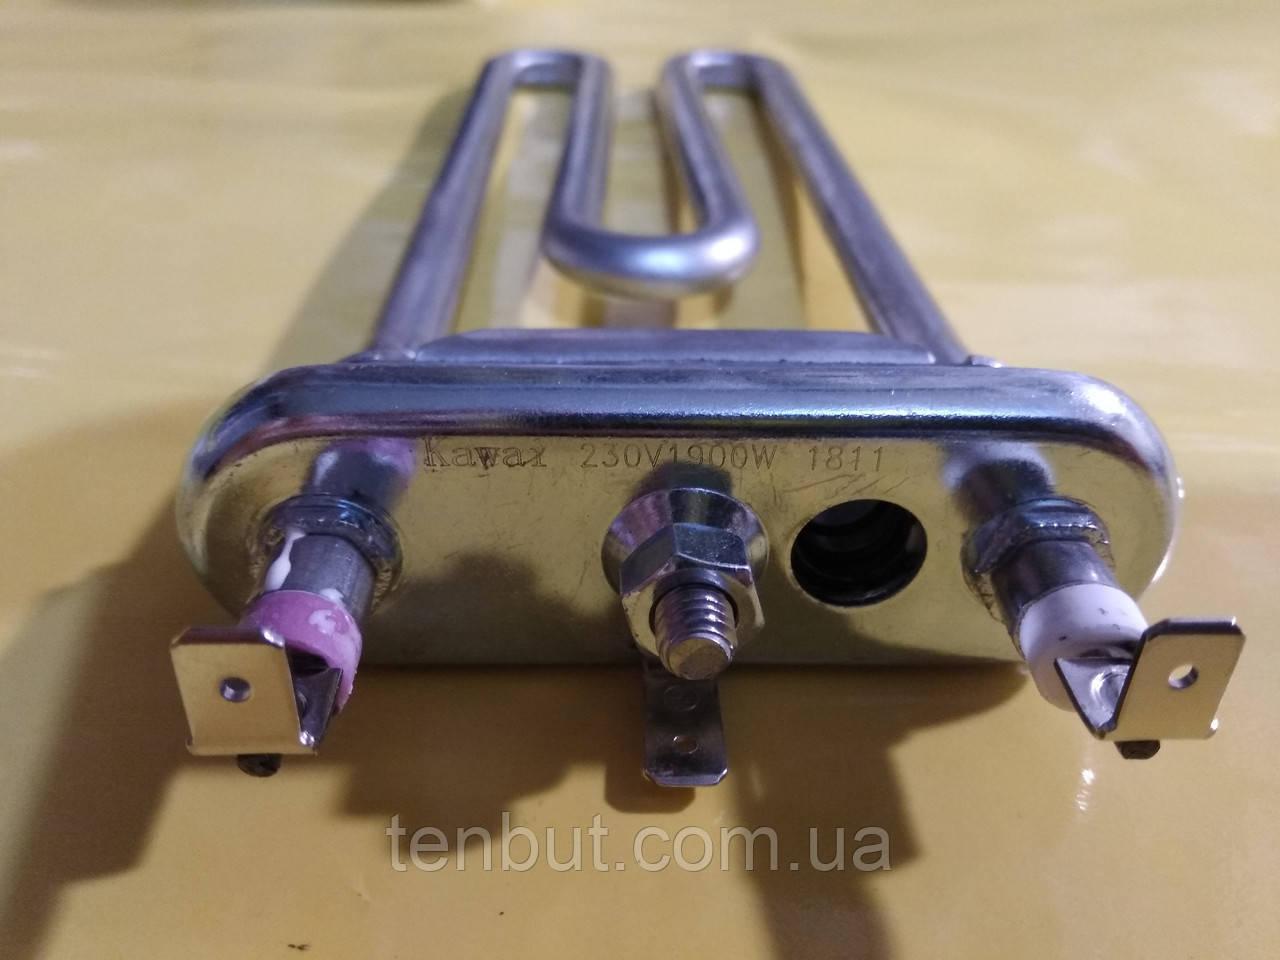 Тэн на стиральную машинку 2050 Вт. / 245 мм. с местом под датчик производство KAWAI Китай оригинал